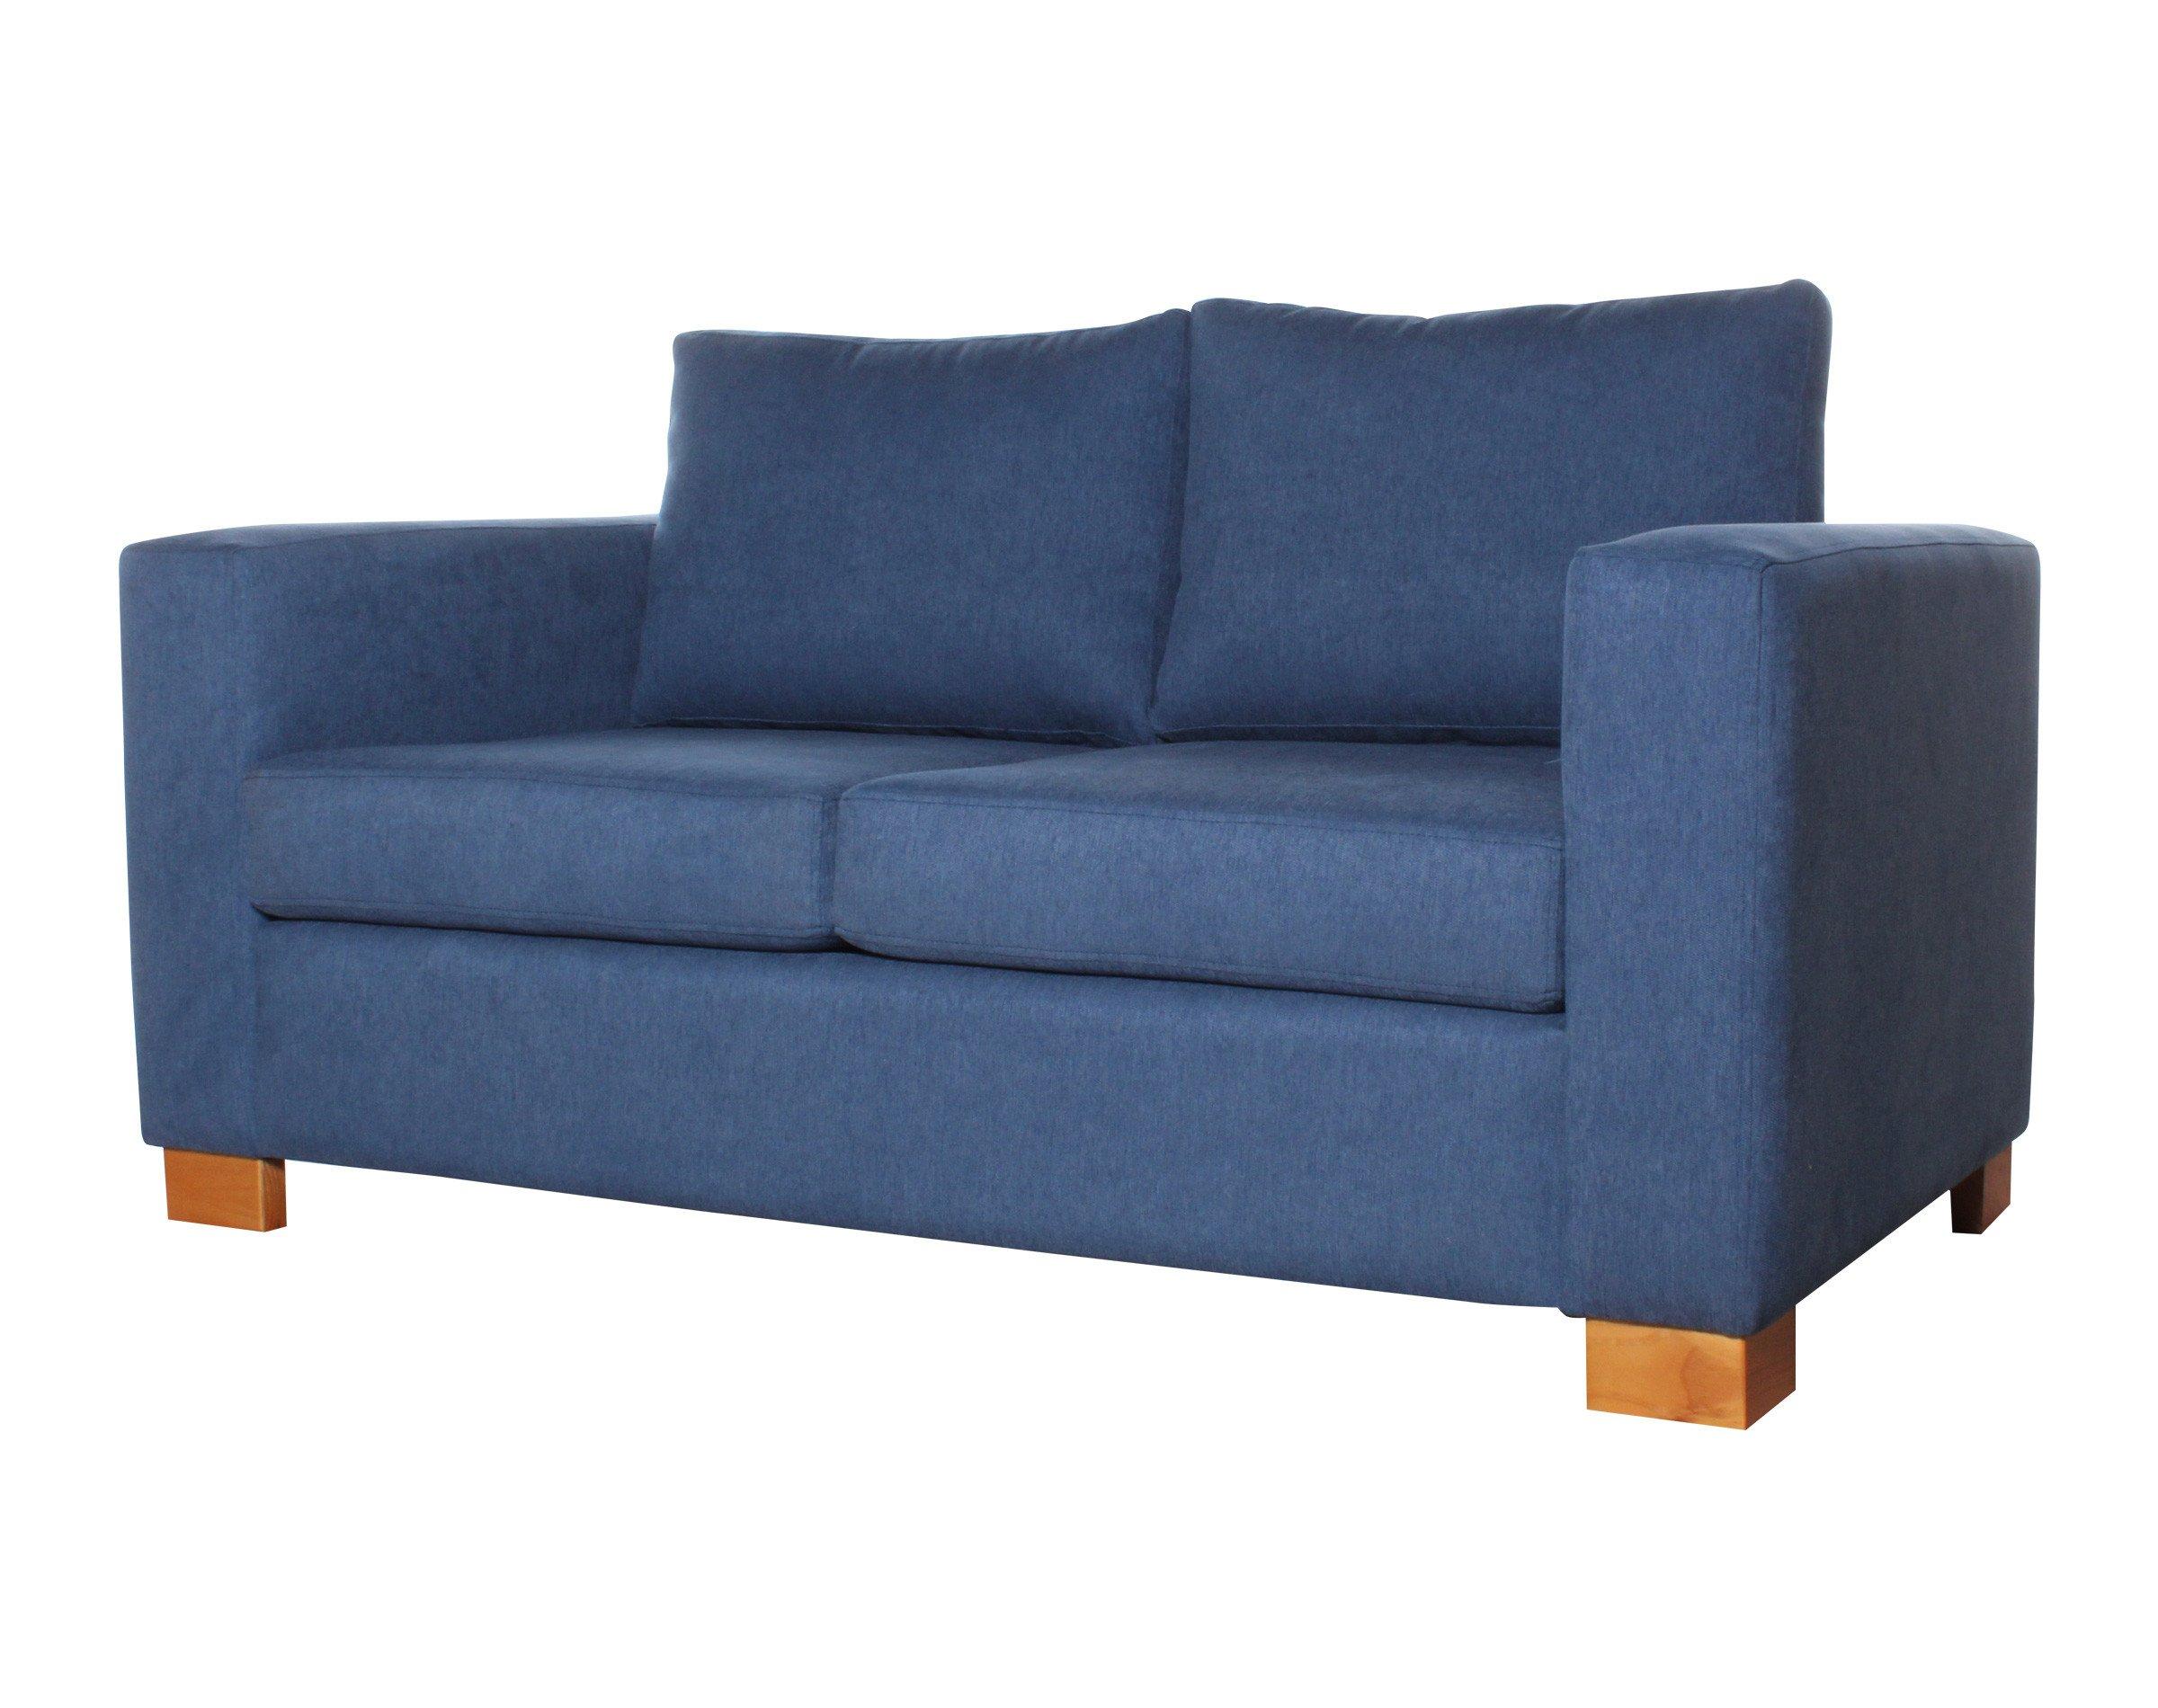 Sofa Cama urban2 Cuerpos Iso 168 Cms Calafate Azulindigo